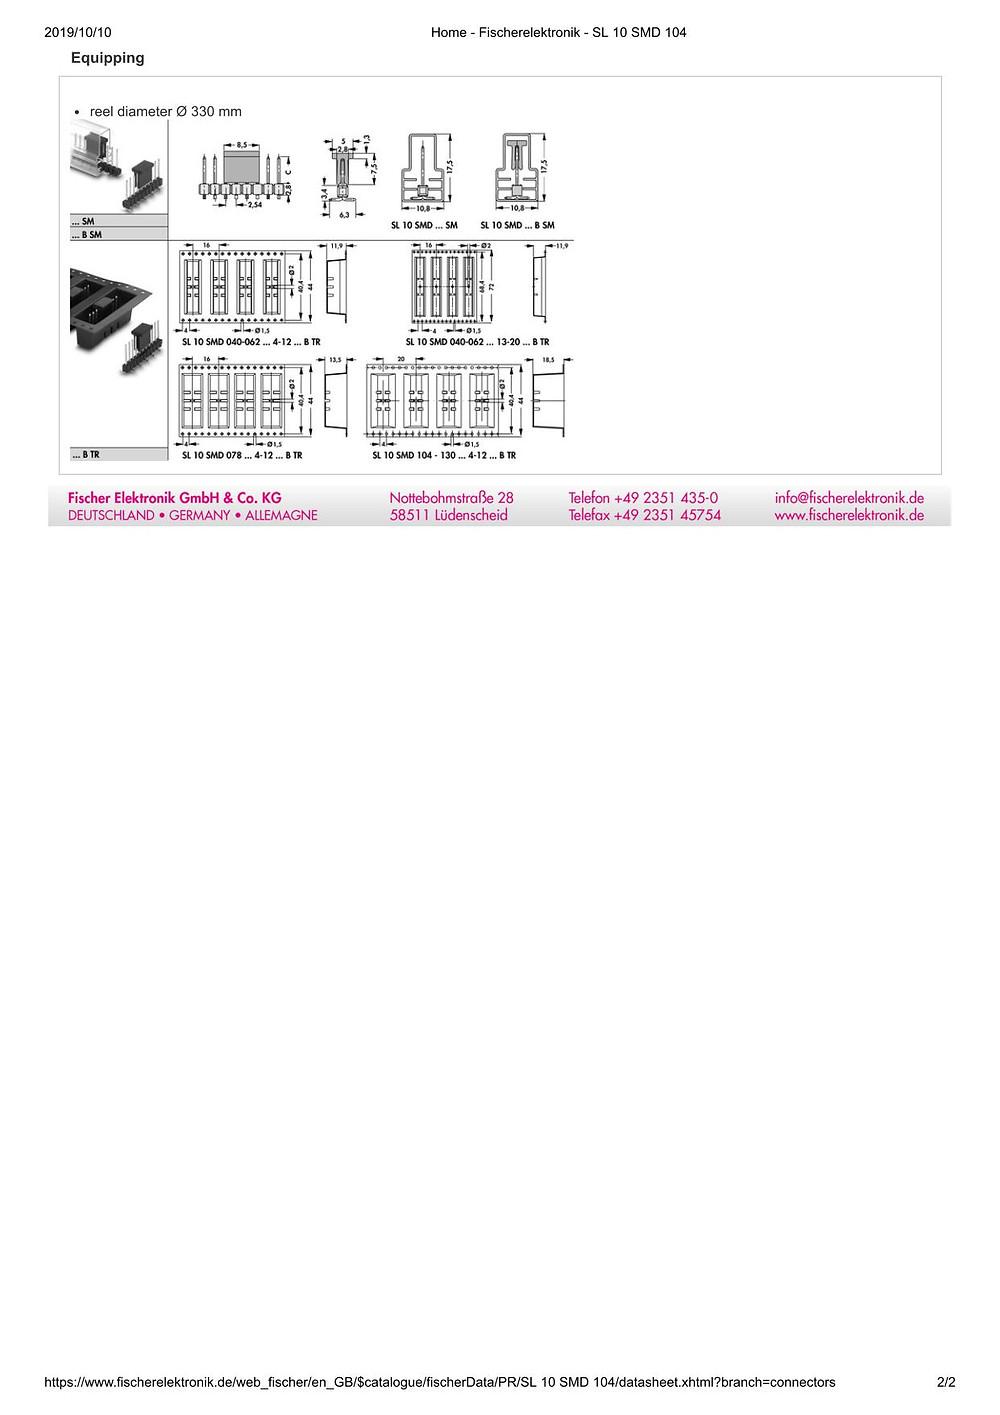 SL 10 SMD 104 フィッシャー テープ&リール対応 ピンヘッダ 2.54㎜ピッチ □0.635mm (1リール=150個巻)4-12ピン